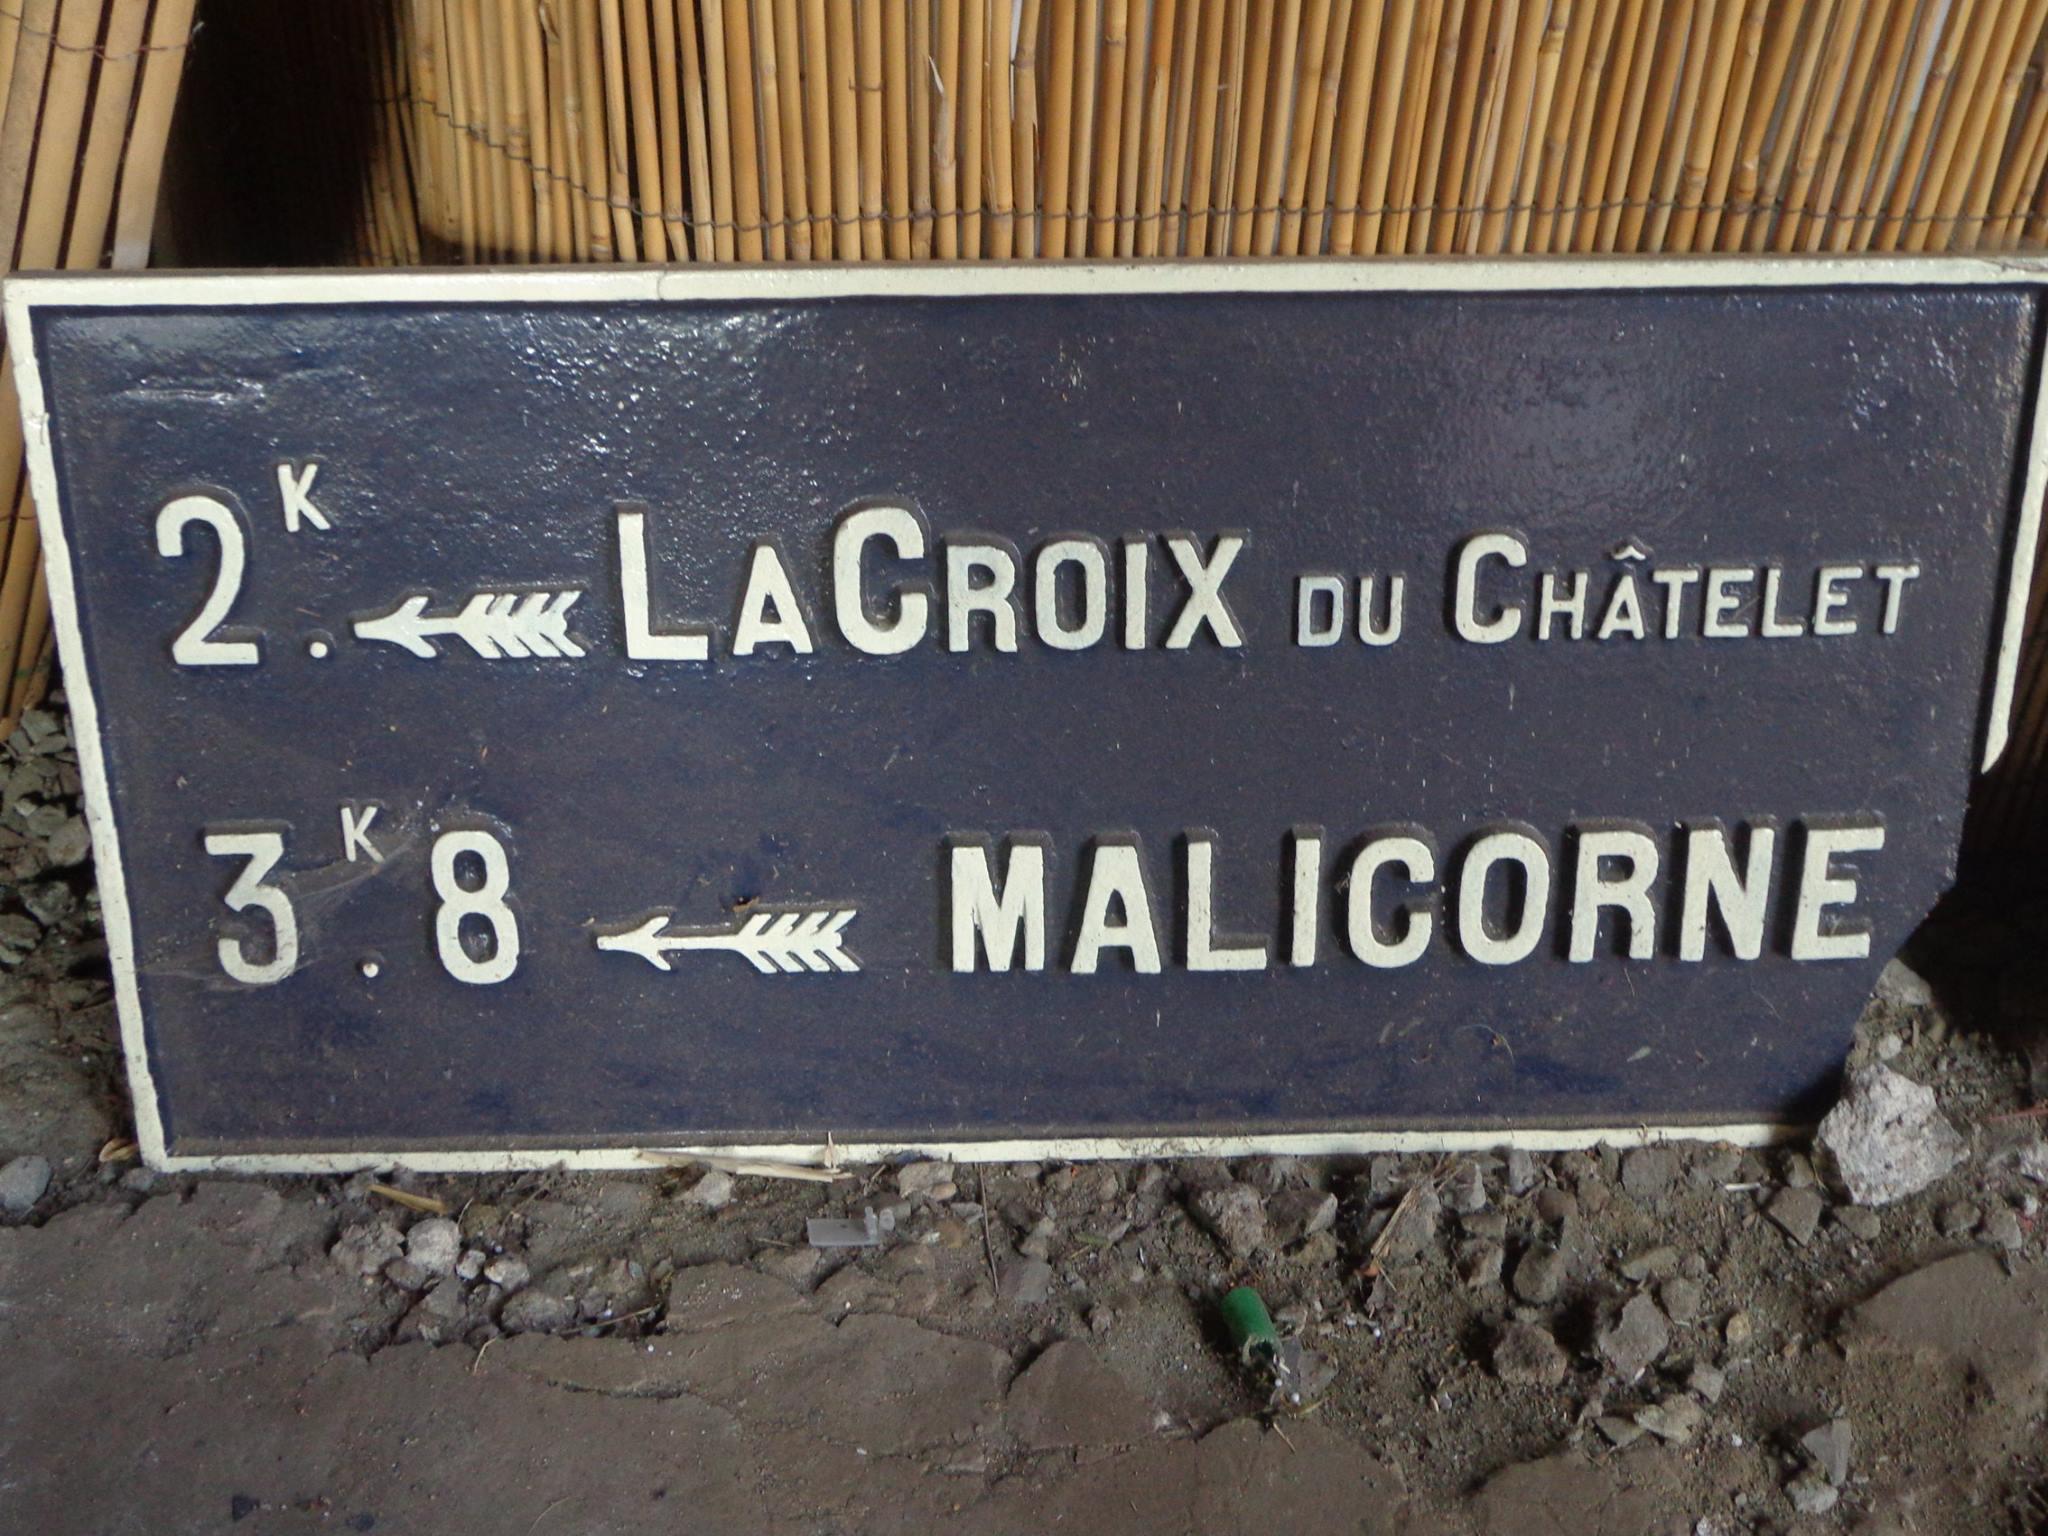 Arthezé, rue des Lilas - Plaque de cocher - La Croix du Châtelet - Malicorne (Marie-Yvonne Mersanne)